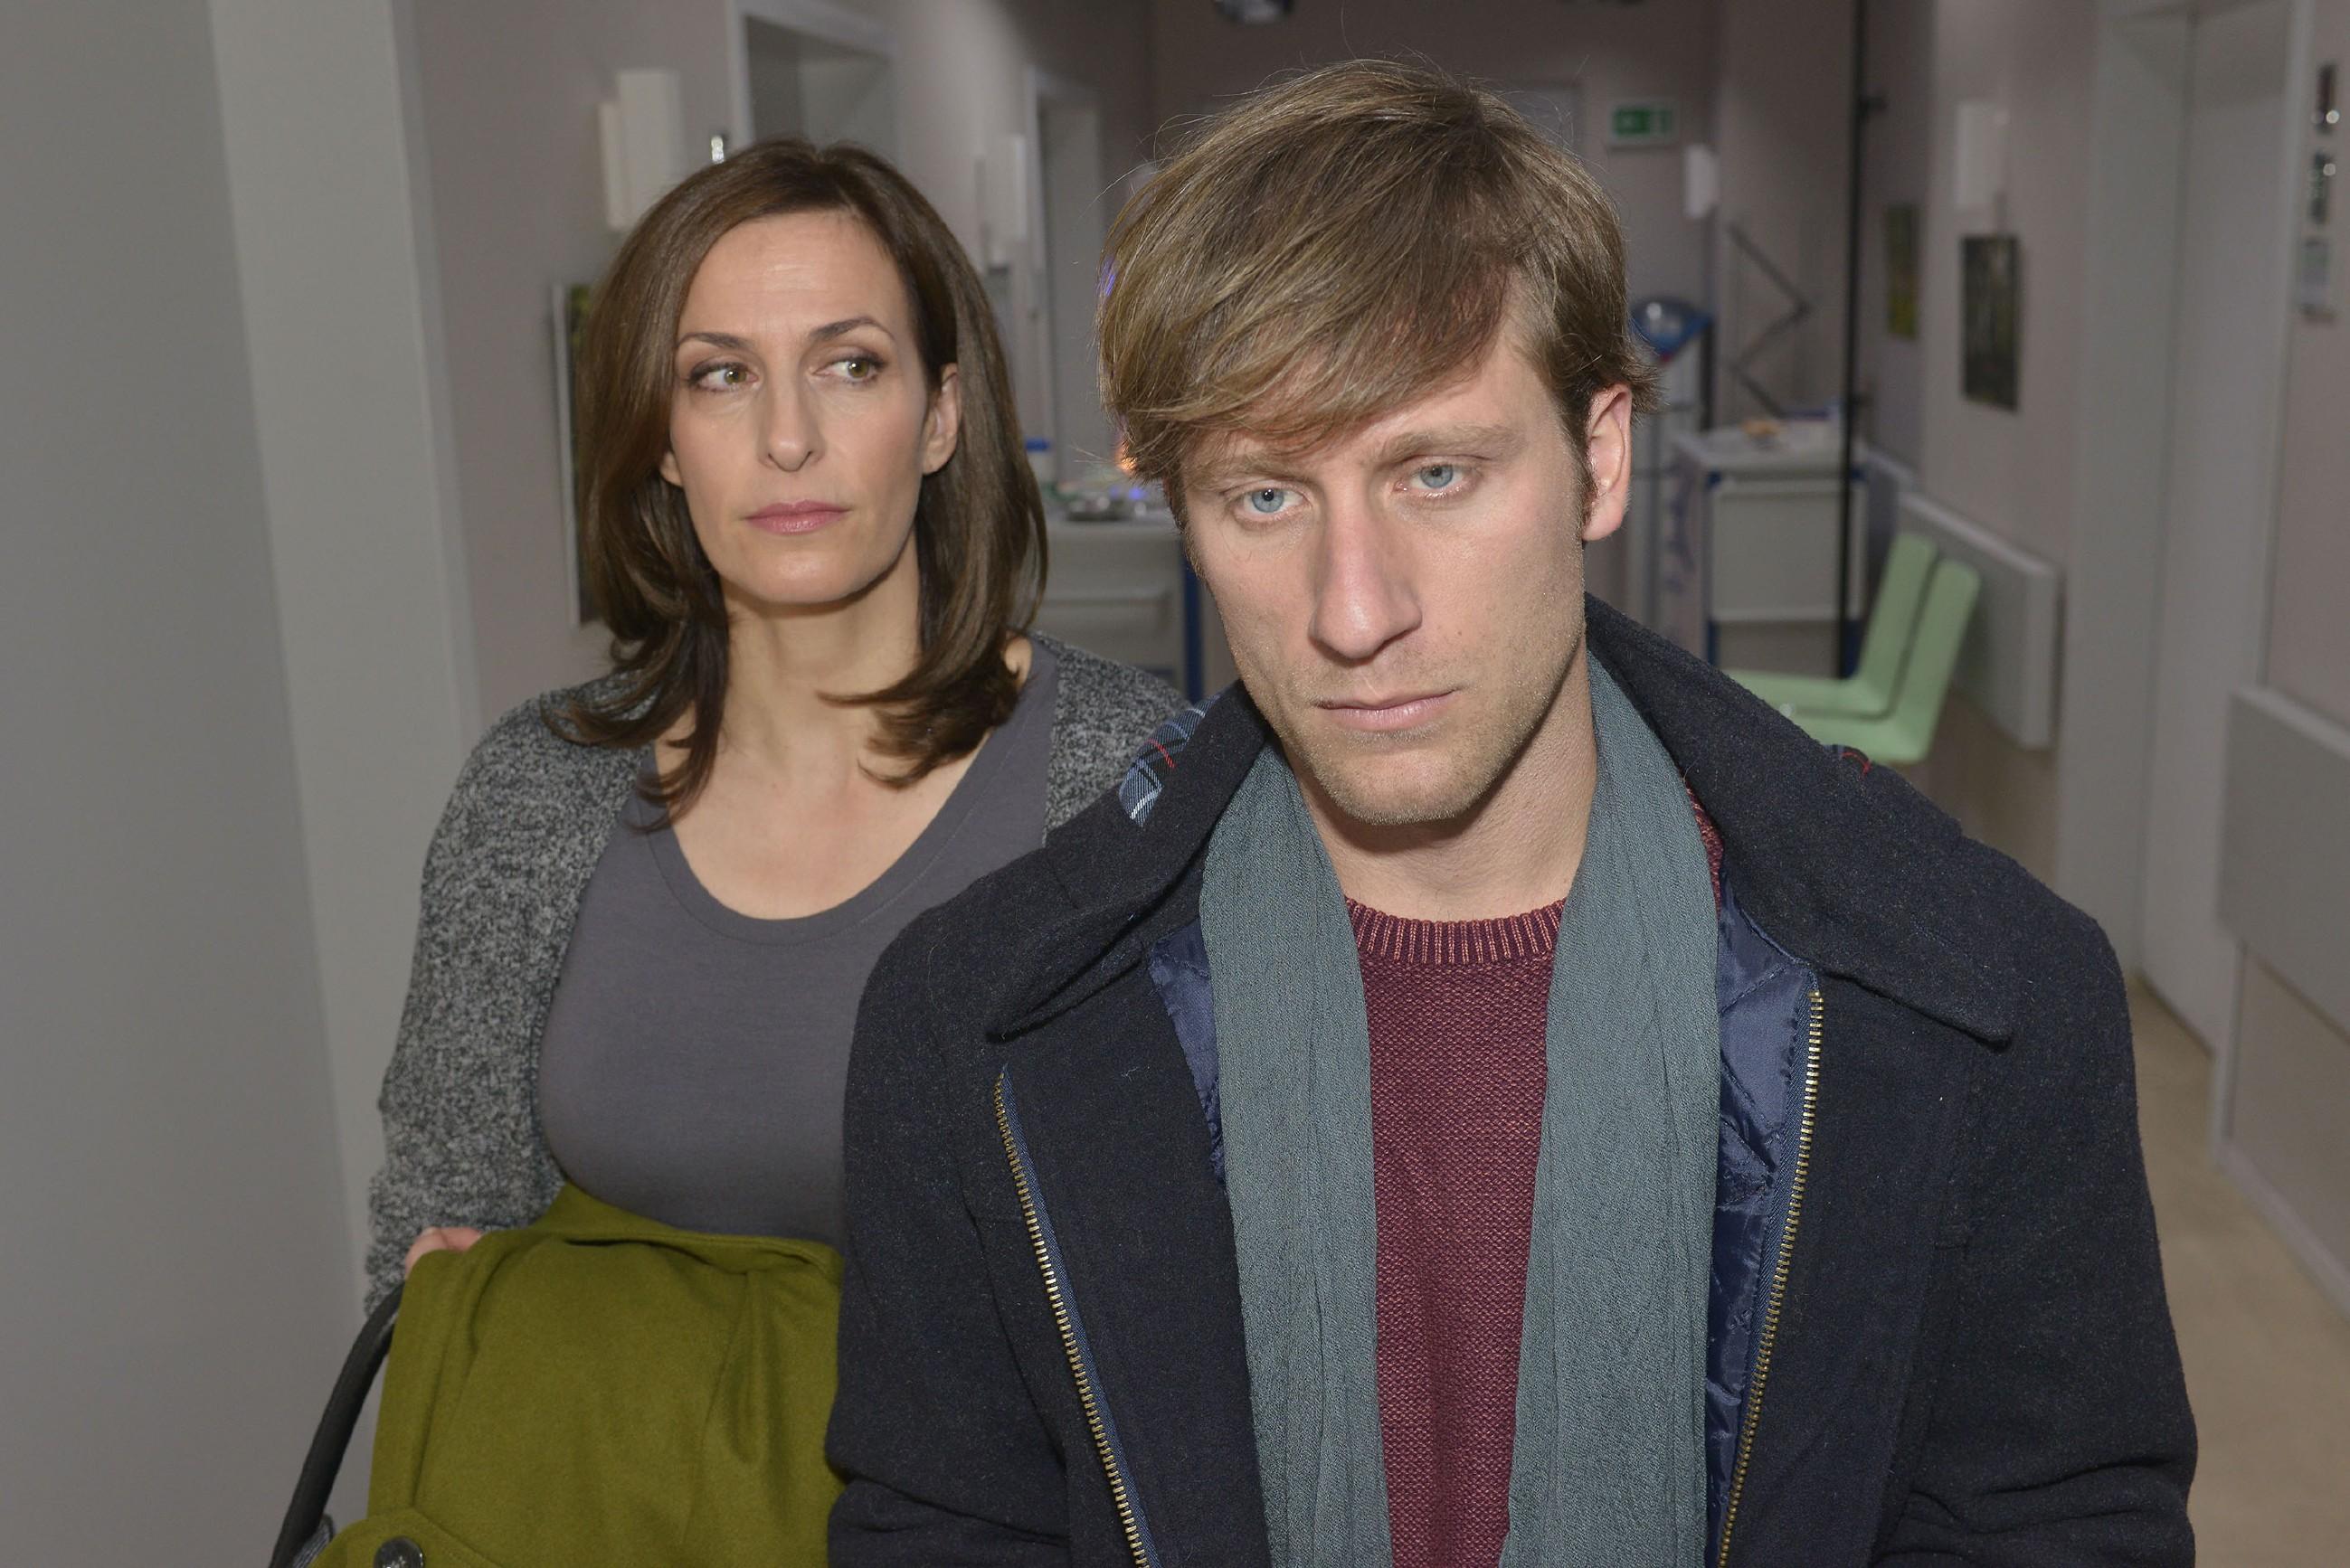 Als Till (Merlin Leonhardt) sein Schicksal hinnimmt, weil er die verbleibende Zeit lieber mit ihr, als mit Ärzten verbringen möchte, will Katrin (Ulrike Frank) seinen Entschluss nicht wahrhaben.